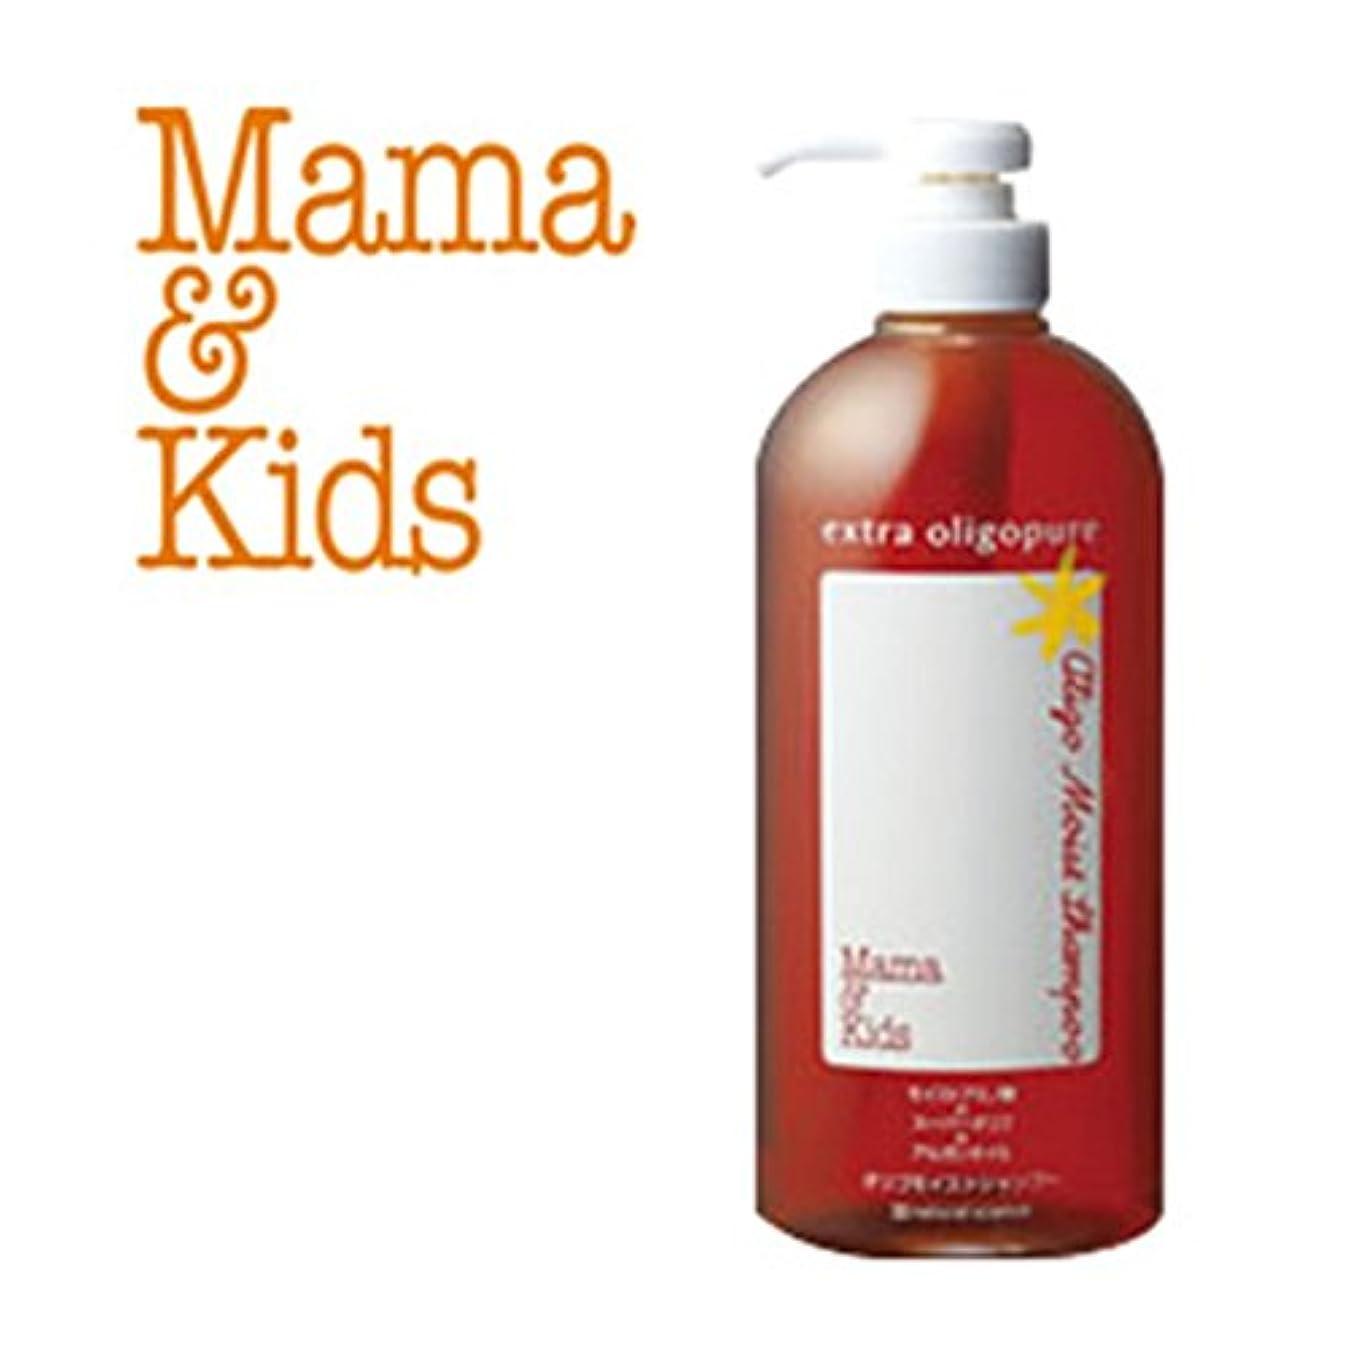 ヘクタール私たちのものセーターママ&キッズ オリゴモイストシャンプー720ML/Mama&Kids Oligo Moist Shampoo/洗发水